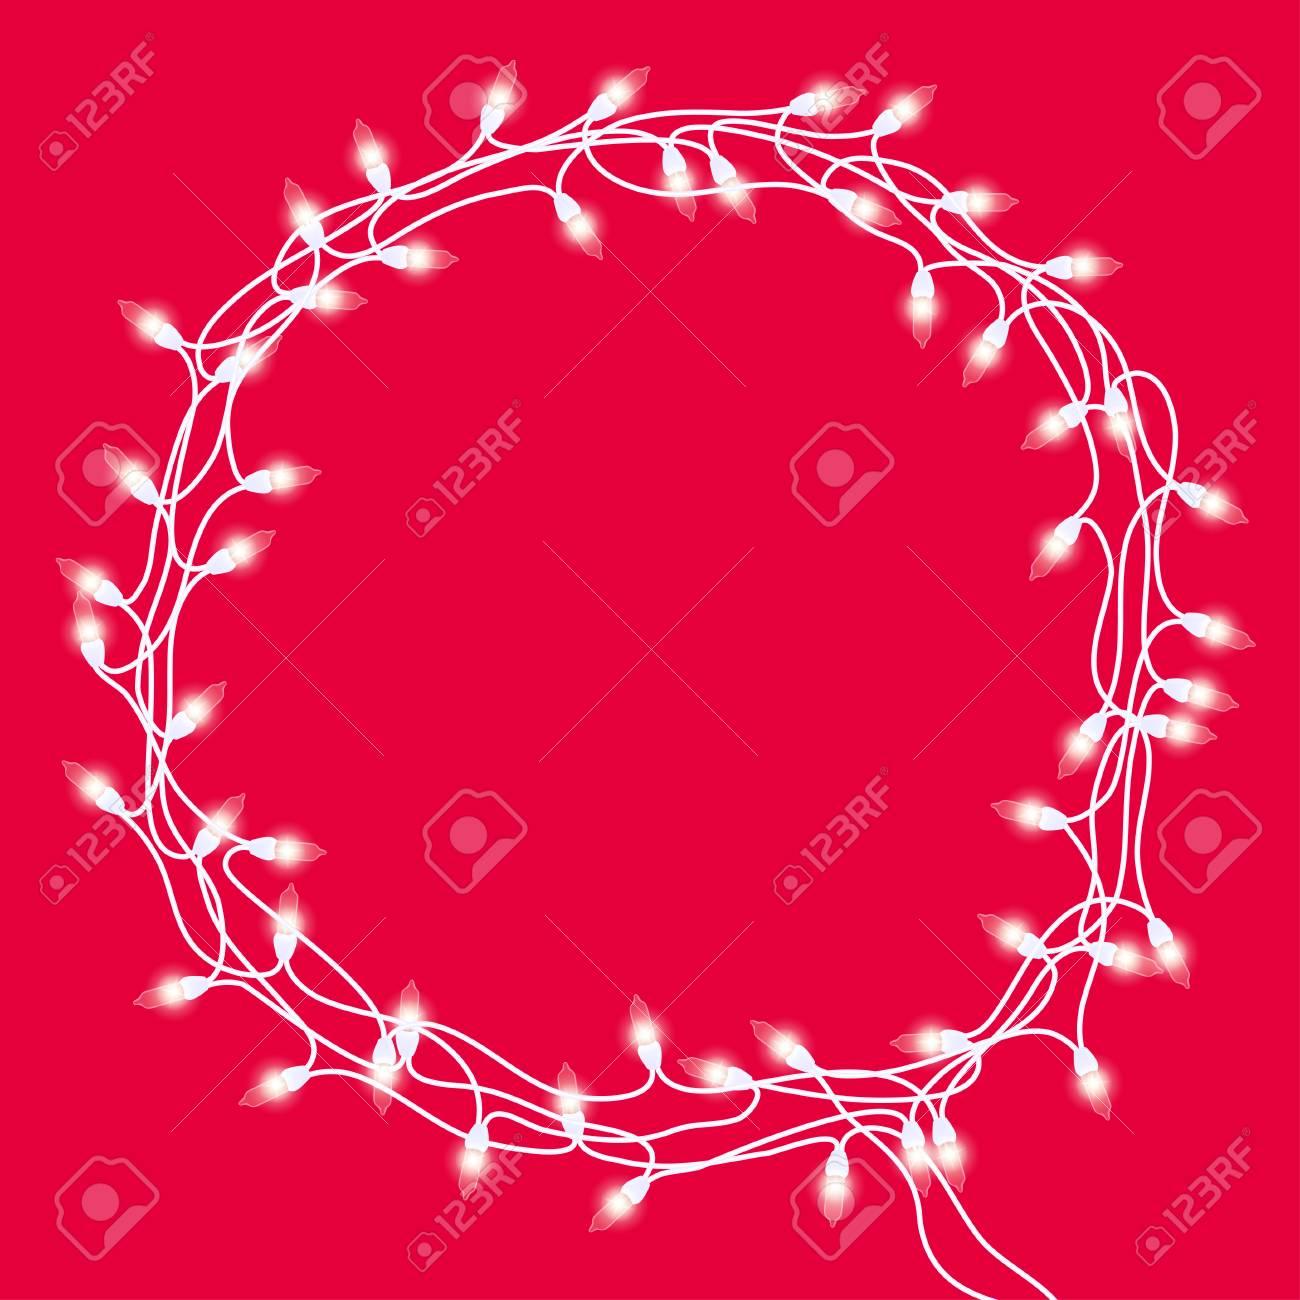 Weihnachtskranz Oder -rahmen Mit Weißer Girlande Mit Glühenden ...